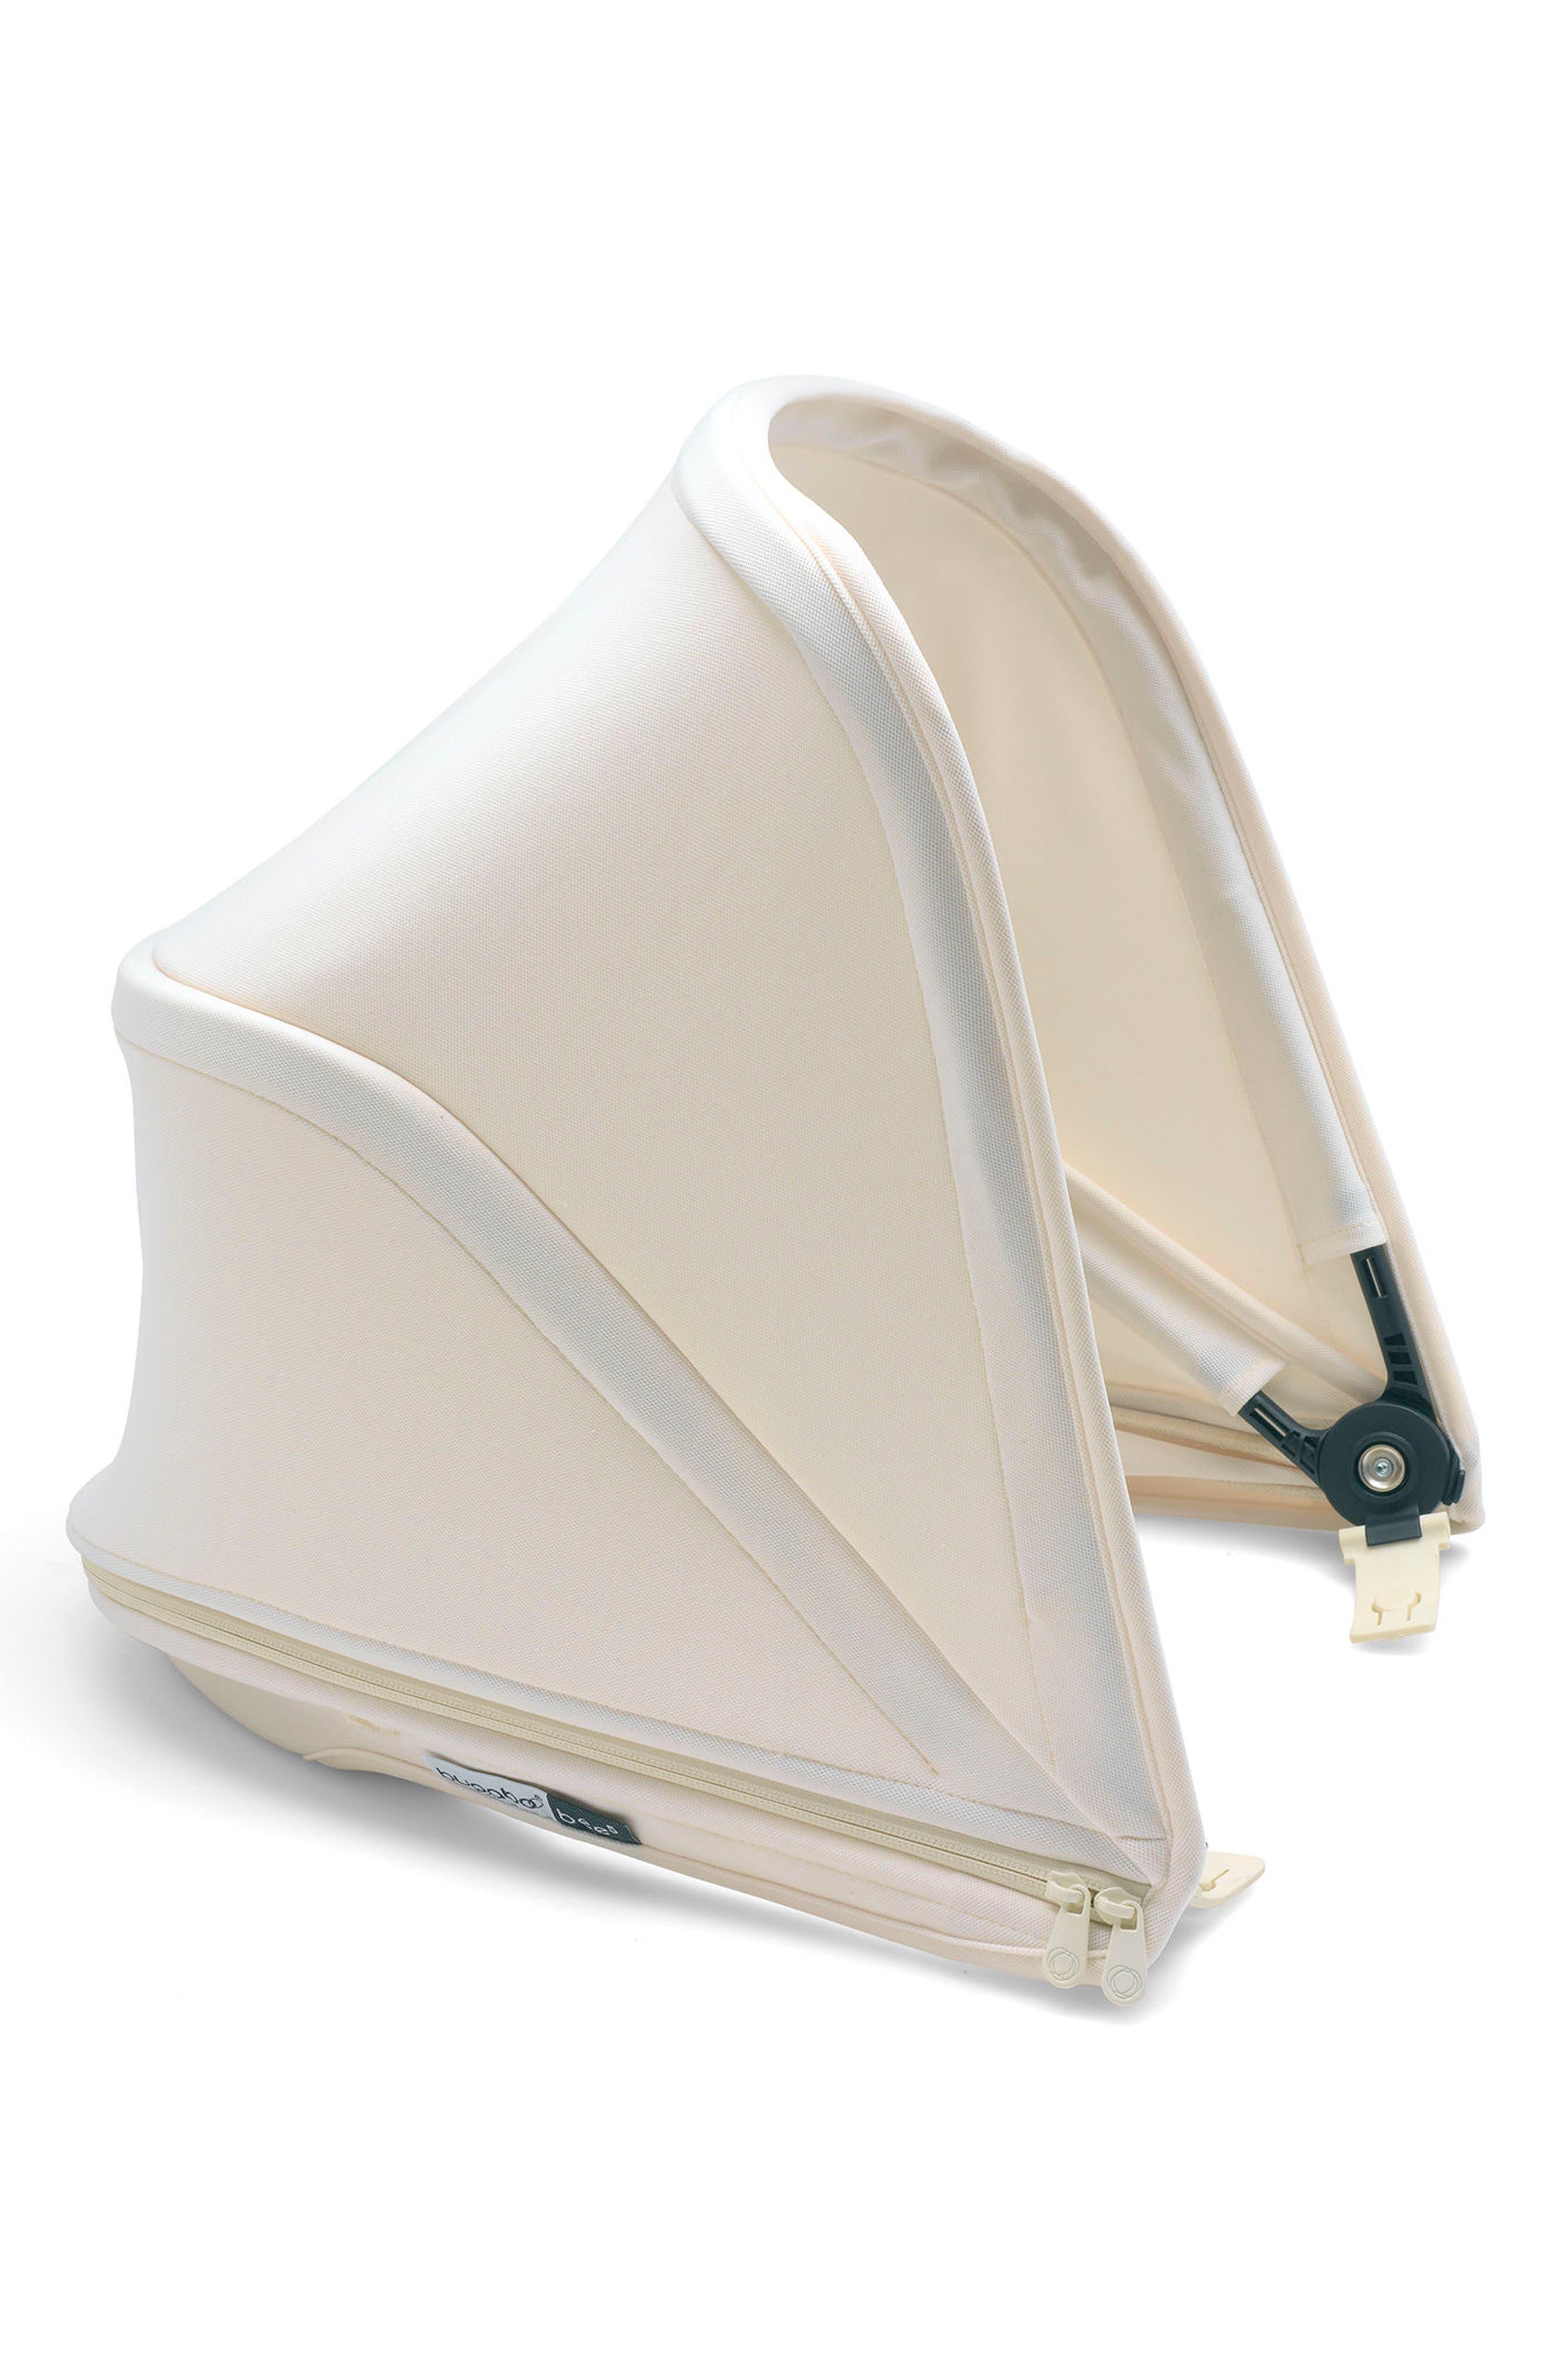 Bugaboo Sun Canopy for Bugaboo Bee5 Stroller